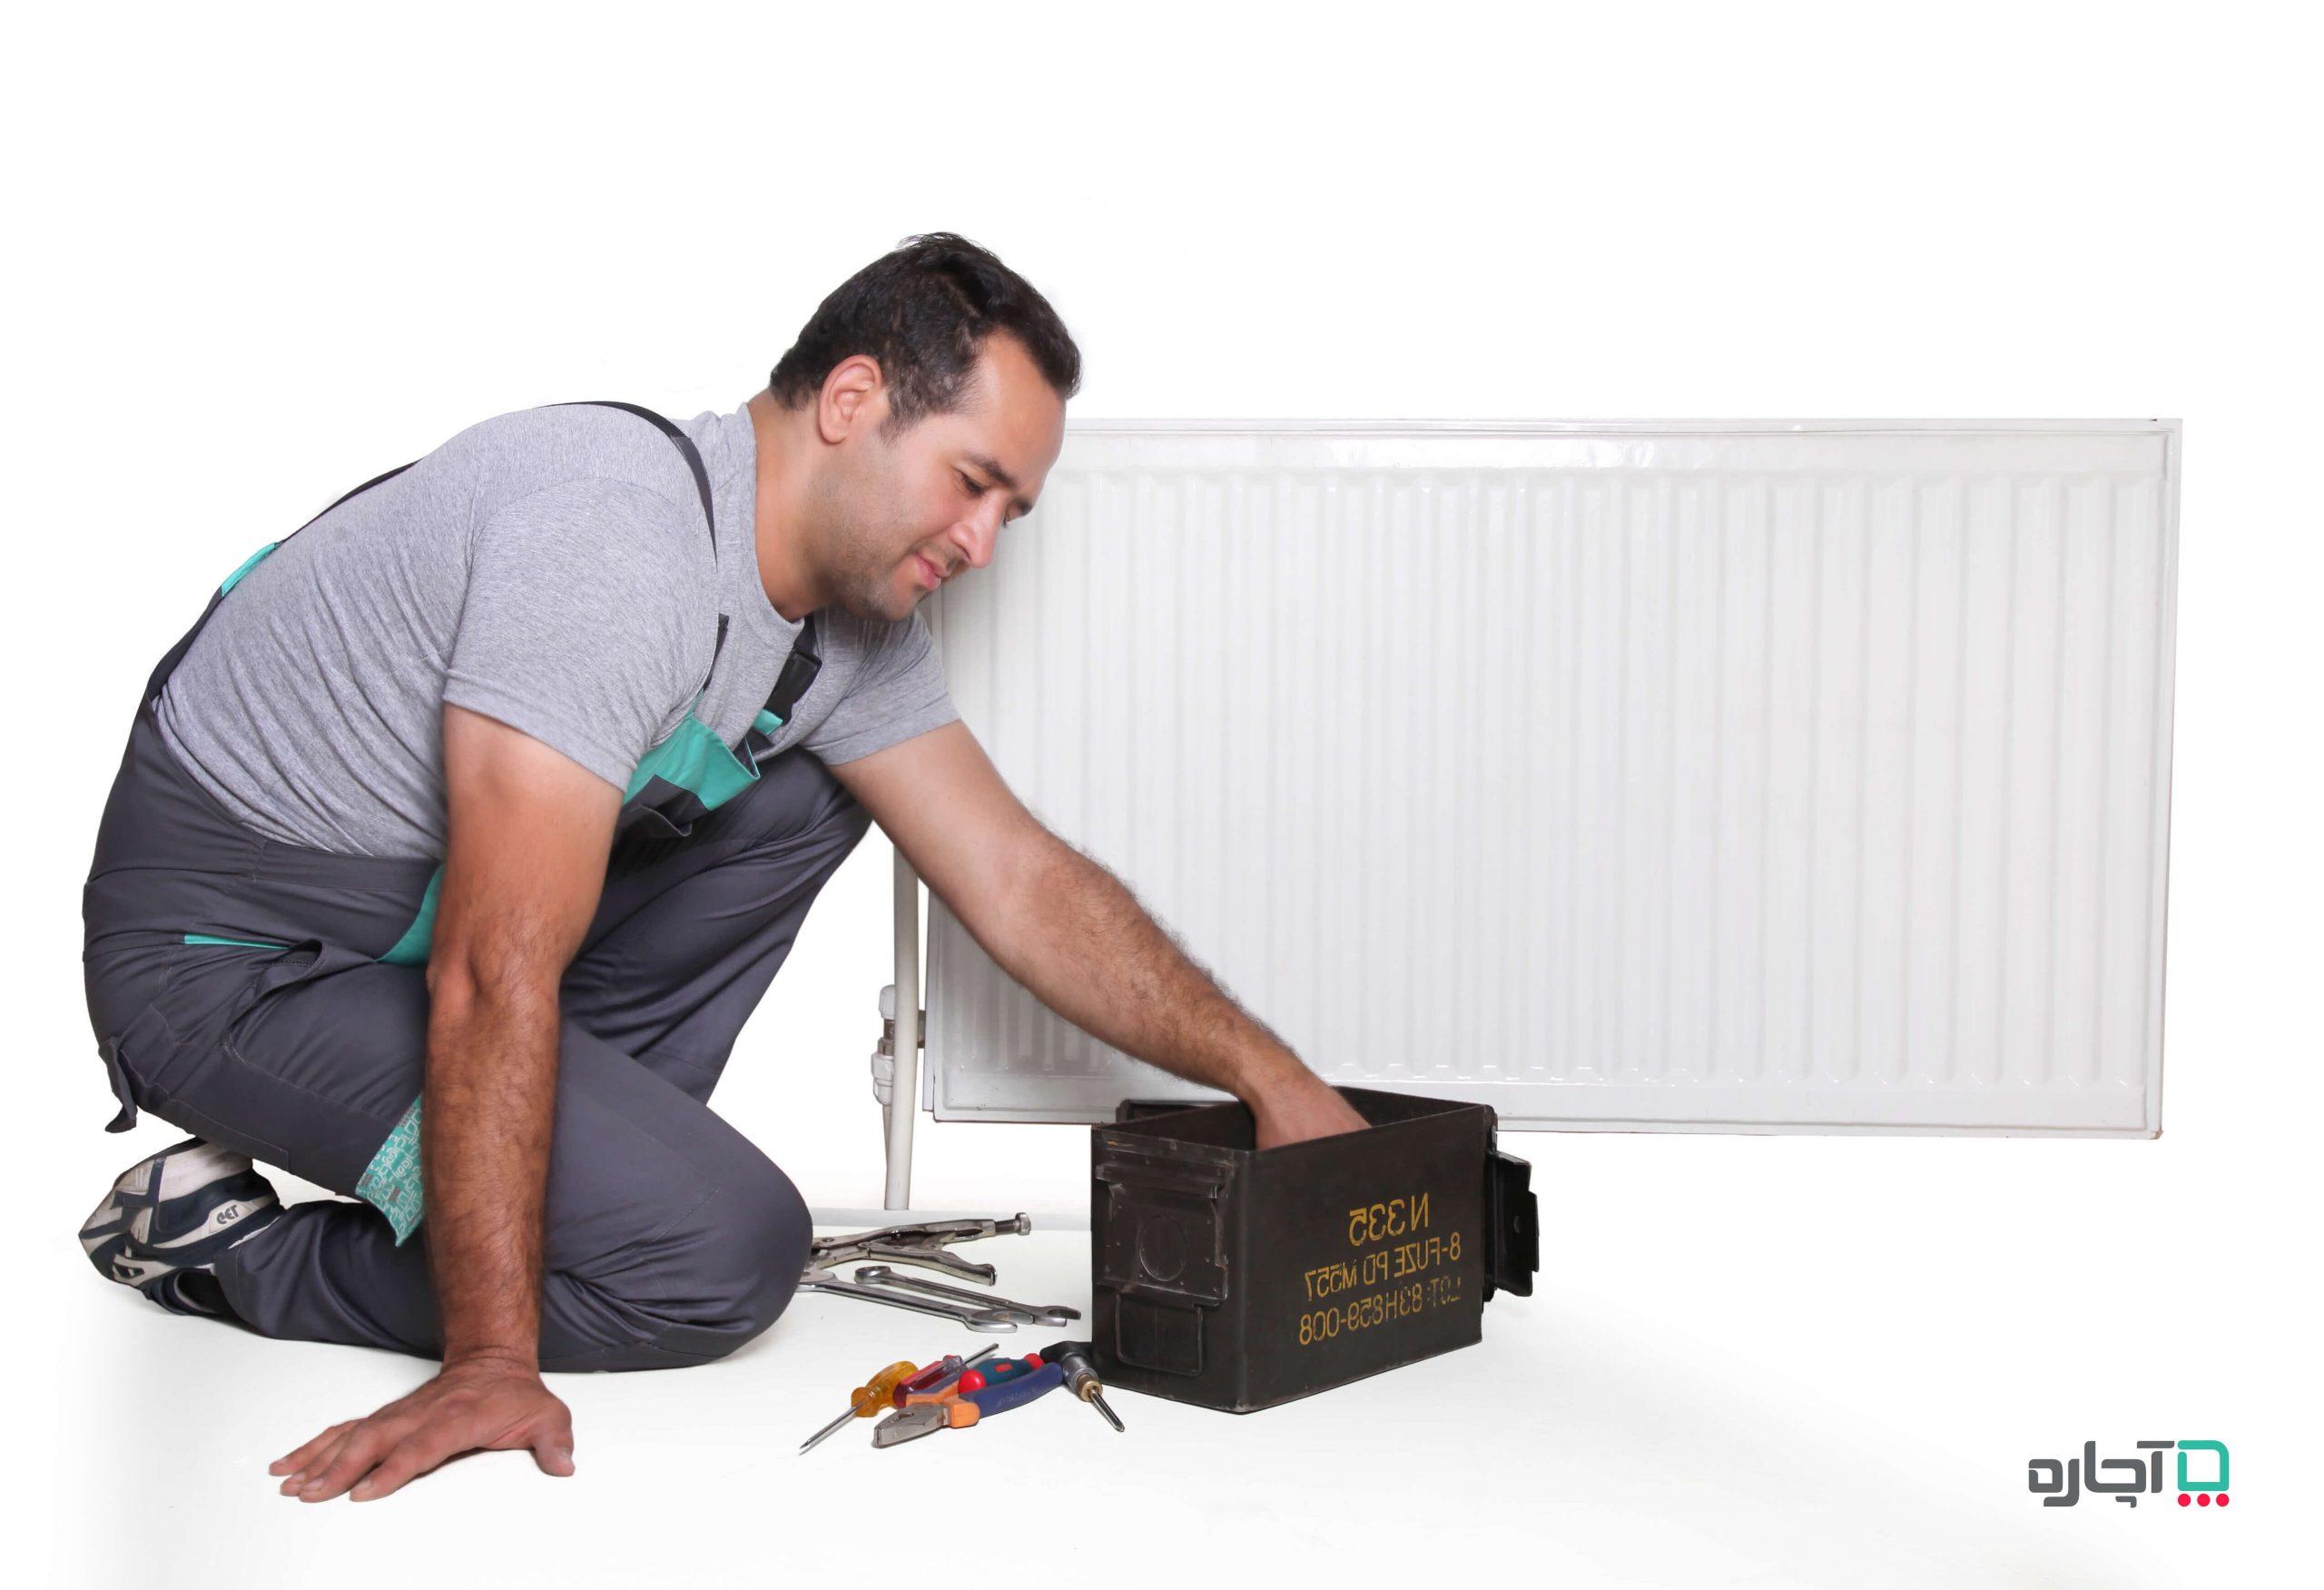 سرویس سوراخ شدن رادیاتور